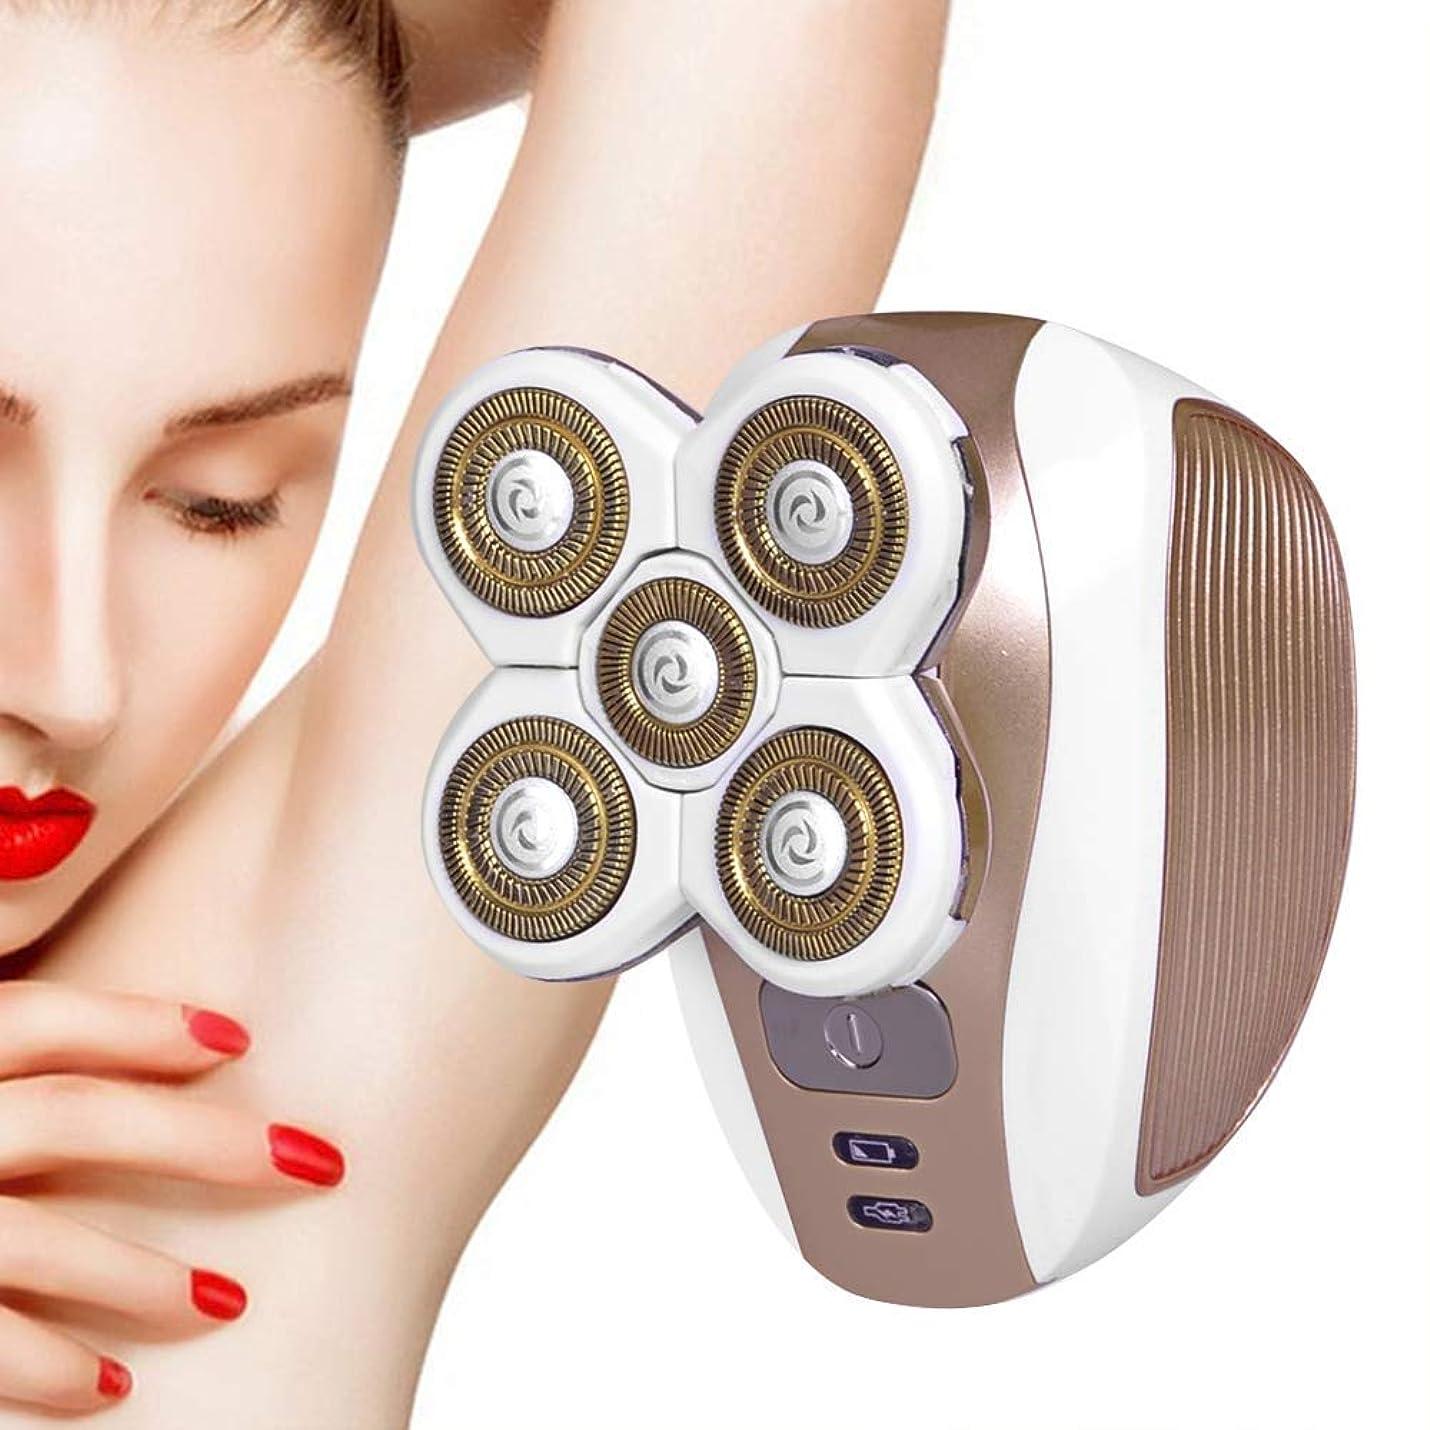 触覚リファインスキニー顔毛リムーバー、ポータブル電気かみそり、USB充電式コードレス防水、防水レディース電気シェーバー、ファズ/フェイシャルヘア/リップ/チン